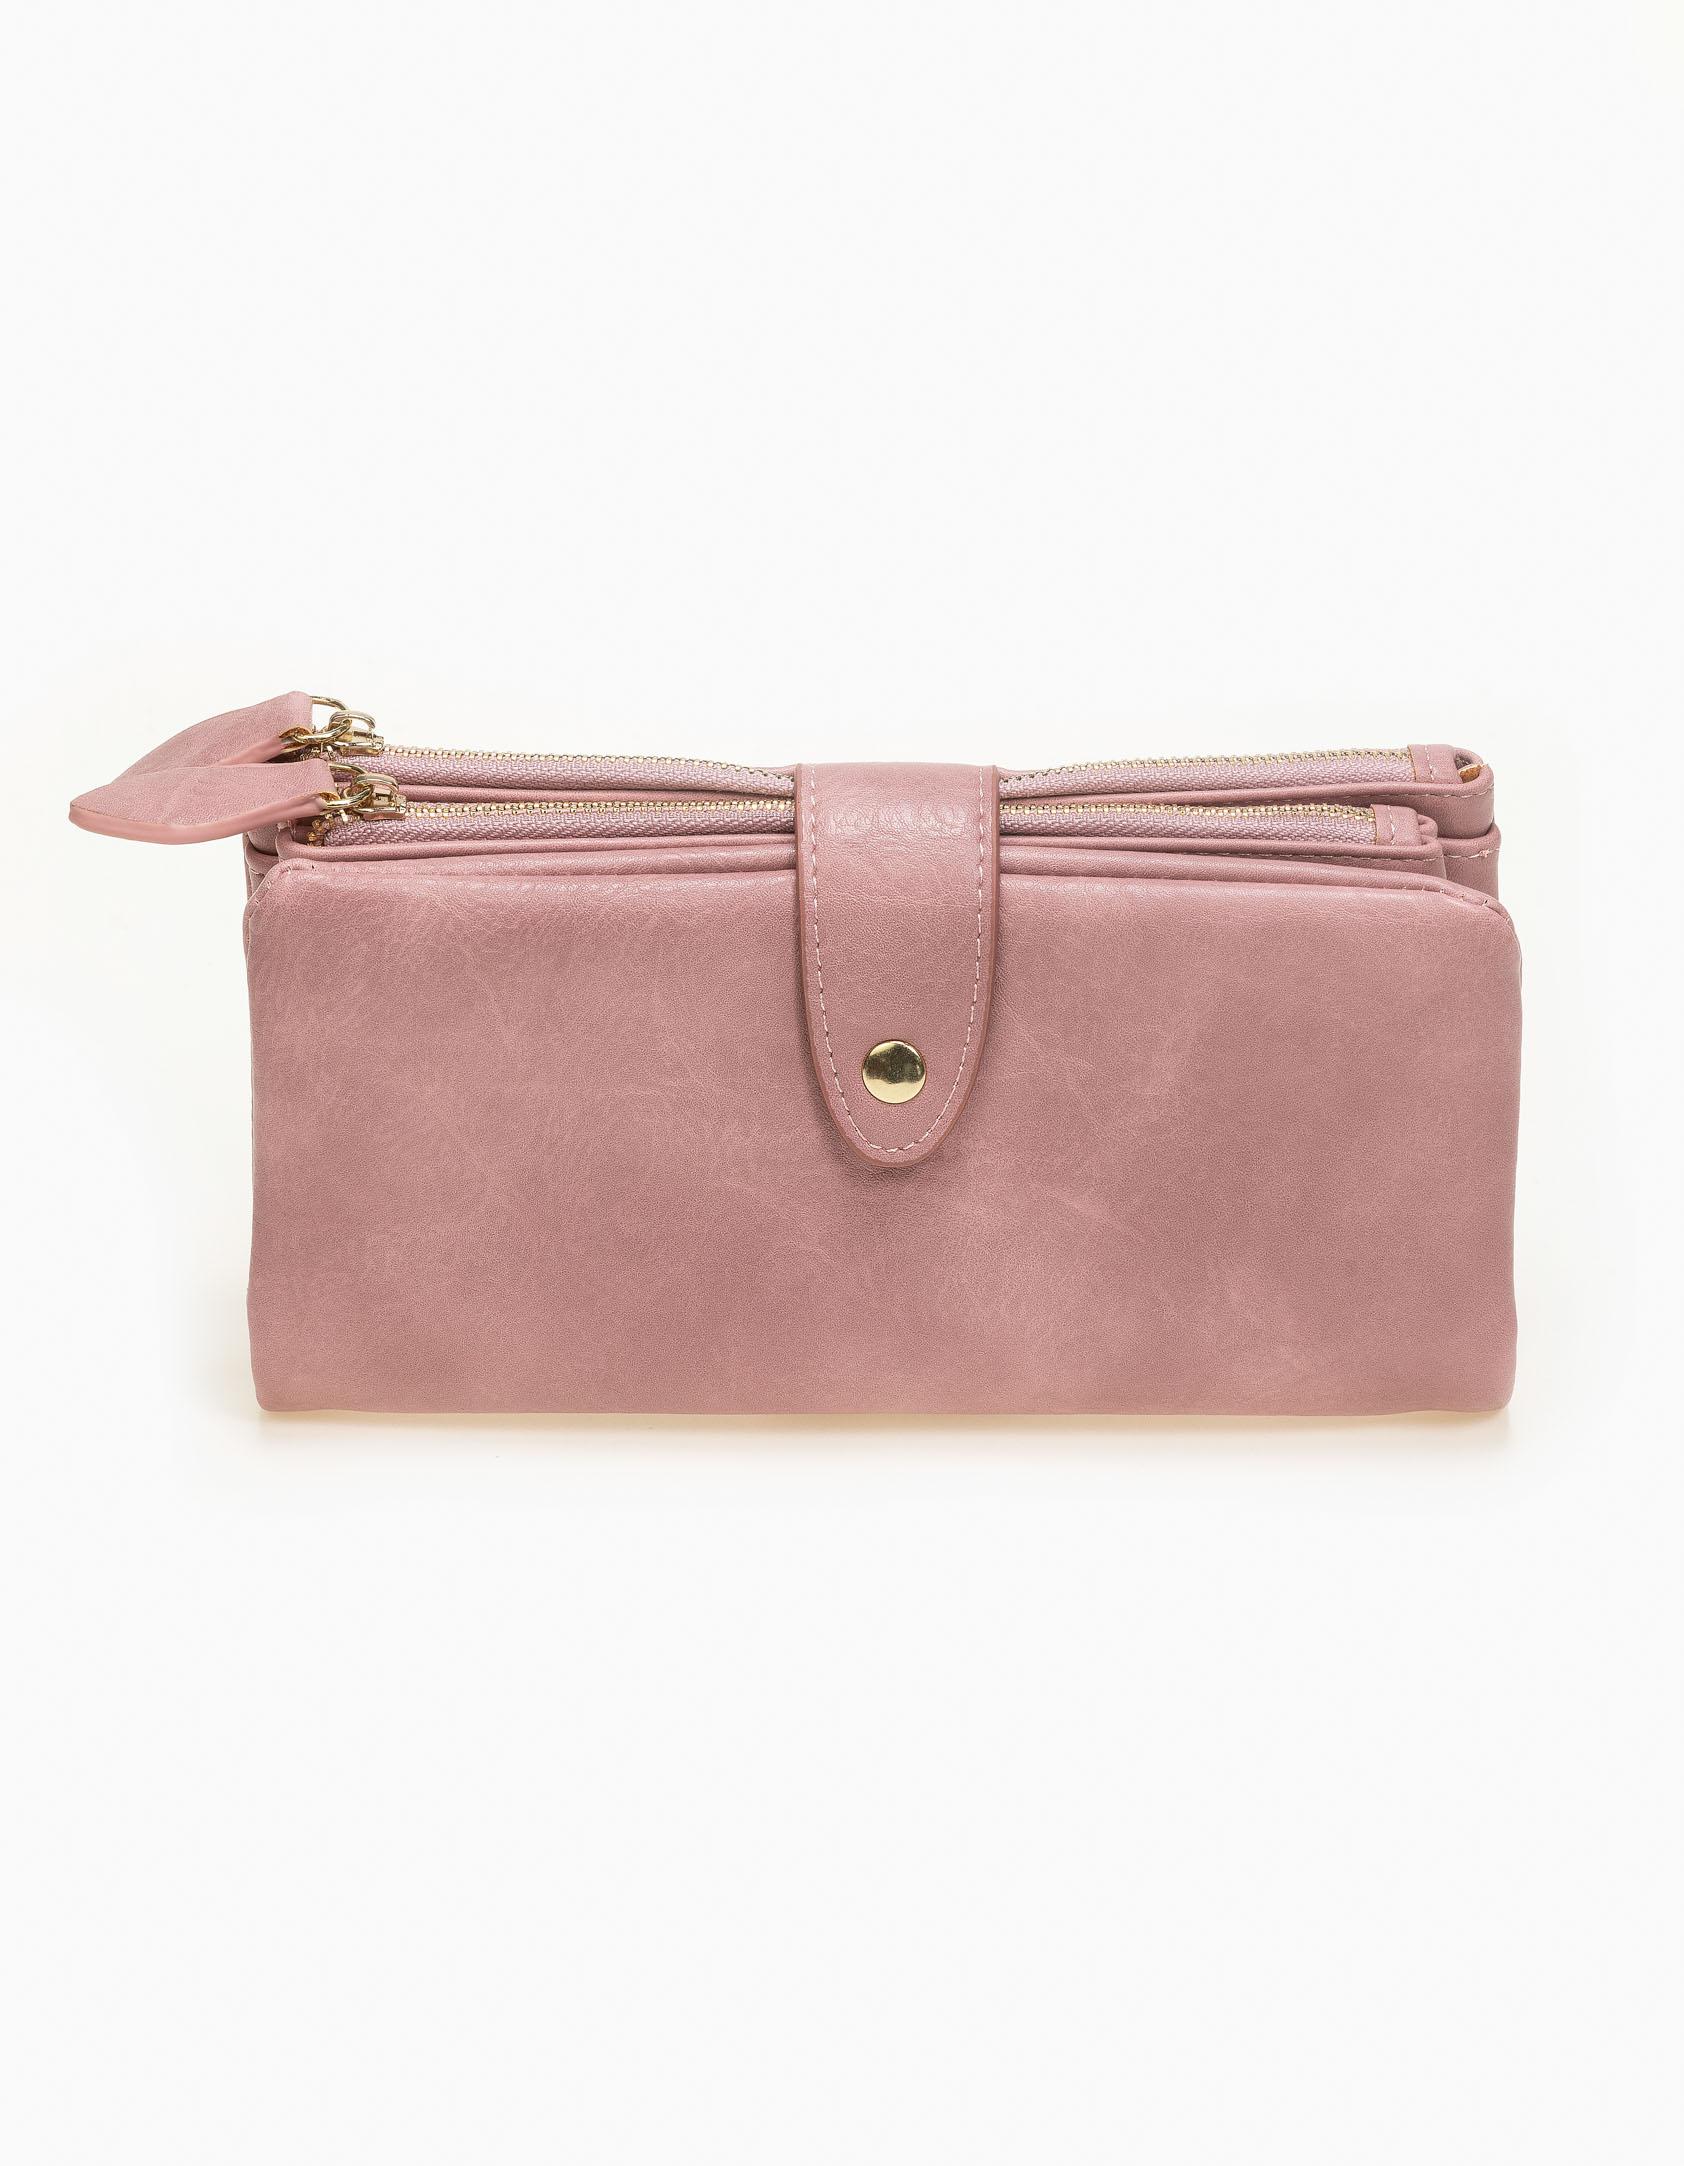 Πορτοφόλι με αποσπώμενη εσωτερική θήκη - Ροζ